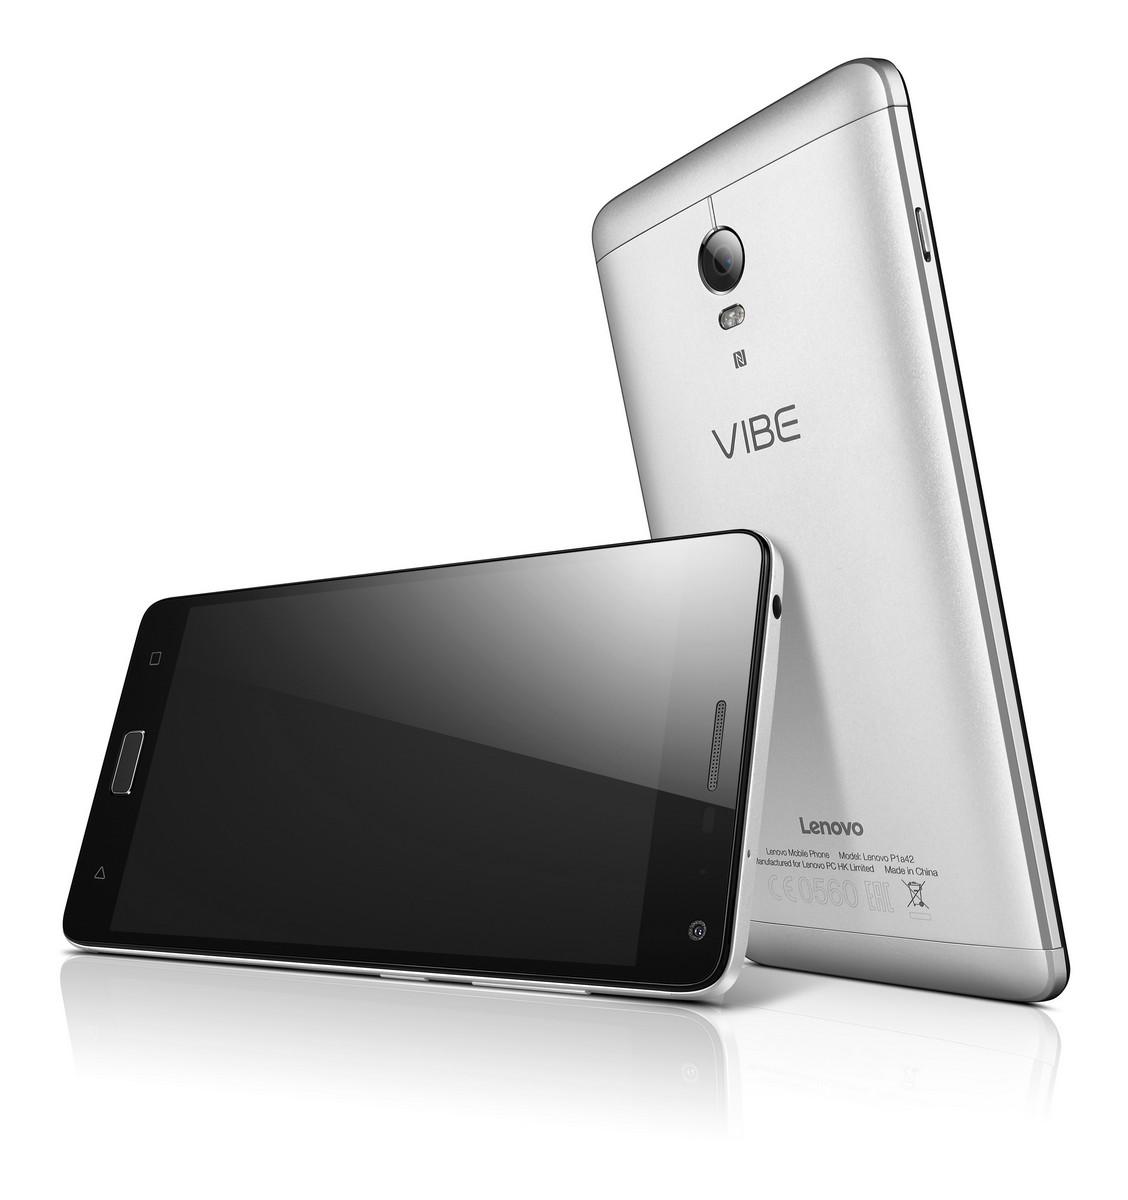 เปิดตัว Lenovo Vibe P1 และ P1m สมาร์ทโฟนแบตเตอรี่เยอะ 5000 mAh แต่บางแค่ 9.9 มม.